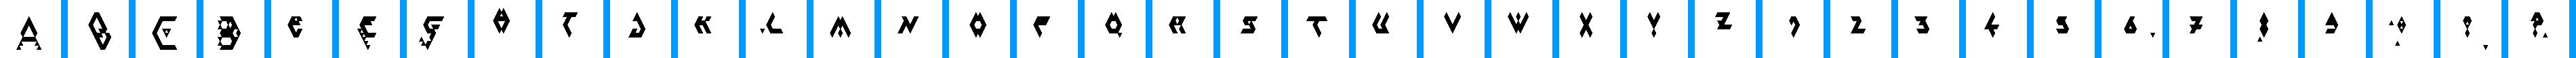 Particip-a-type v.136